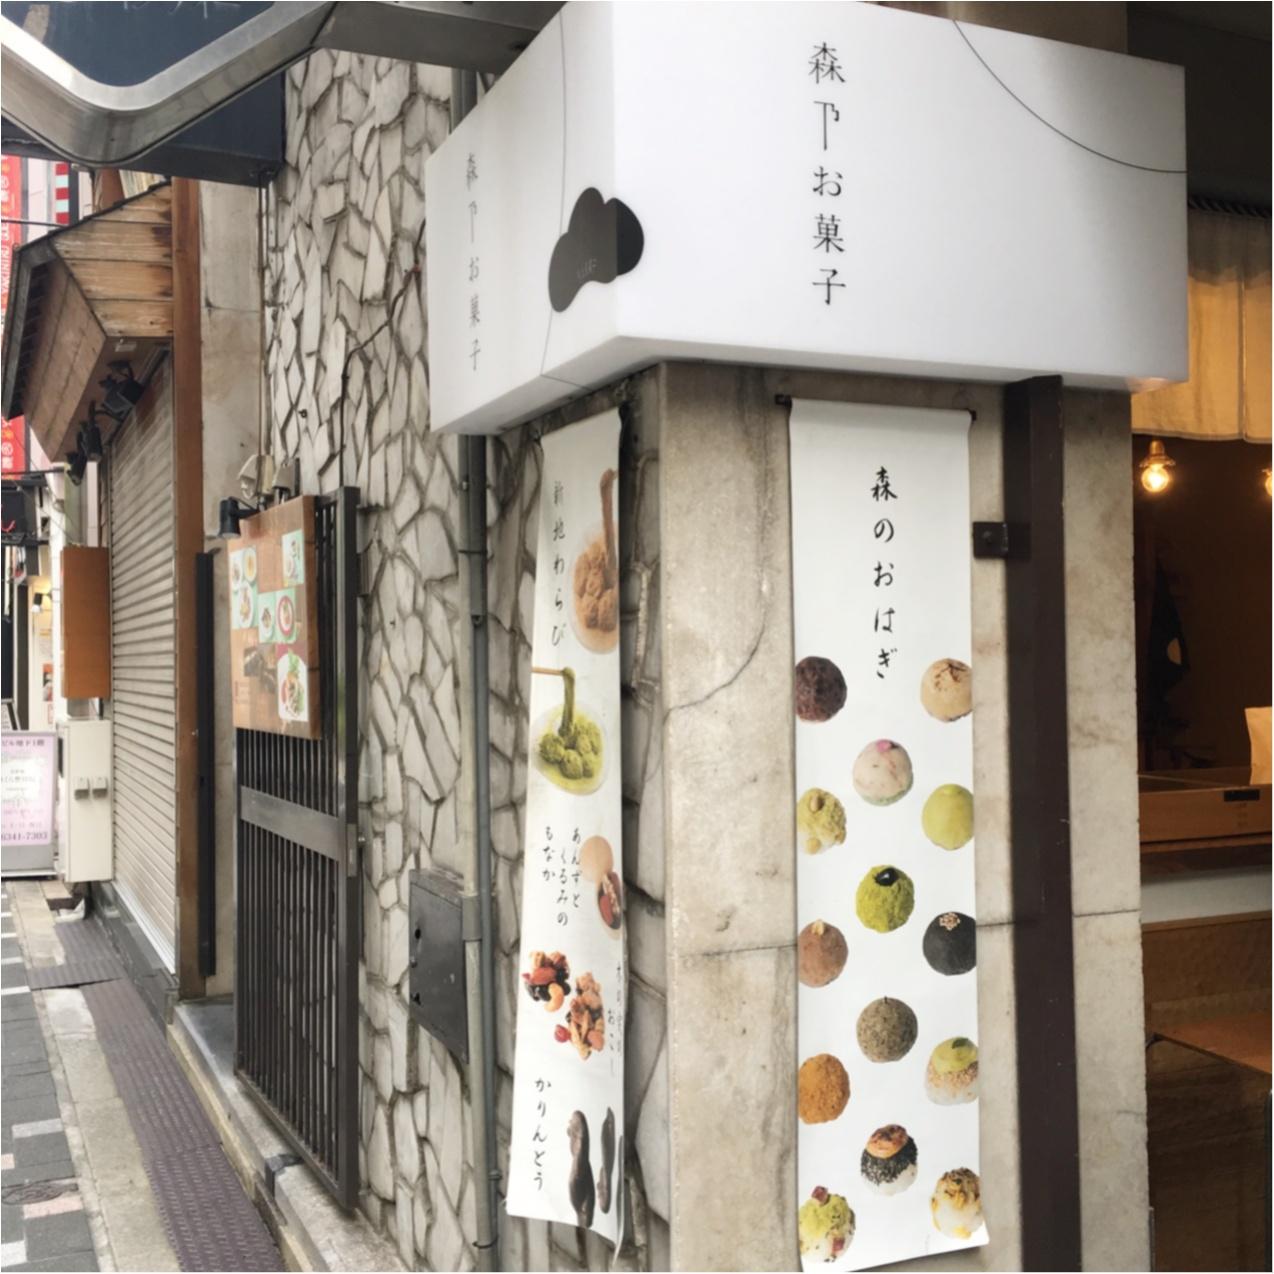 手土産にもぴったり♪人気和菓子店 《 森のおはぎ 》のオシャレなおはぎ♡_1